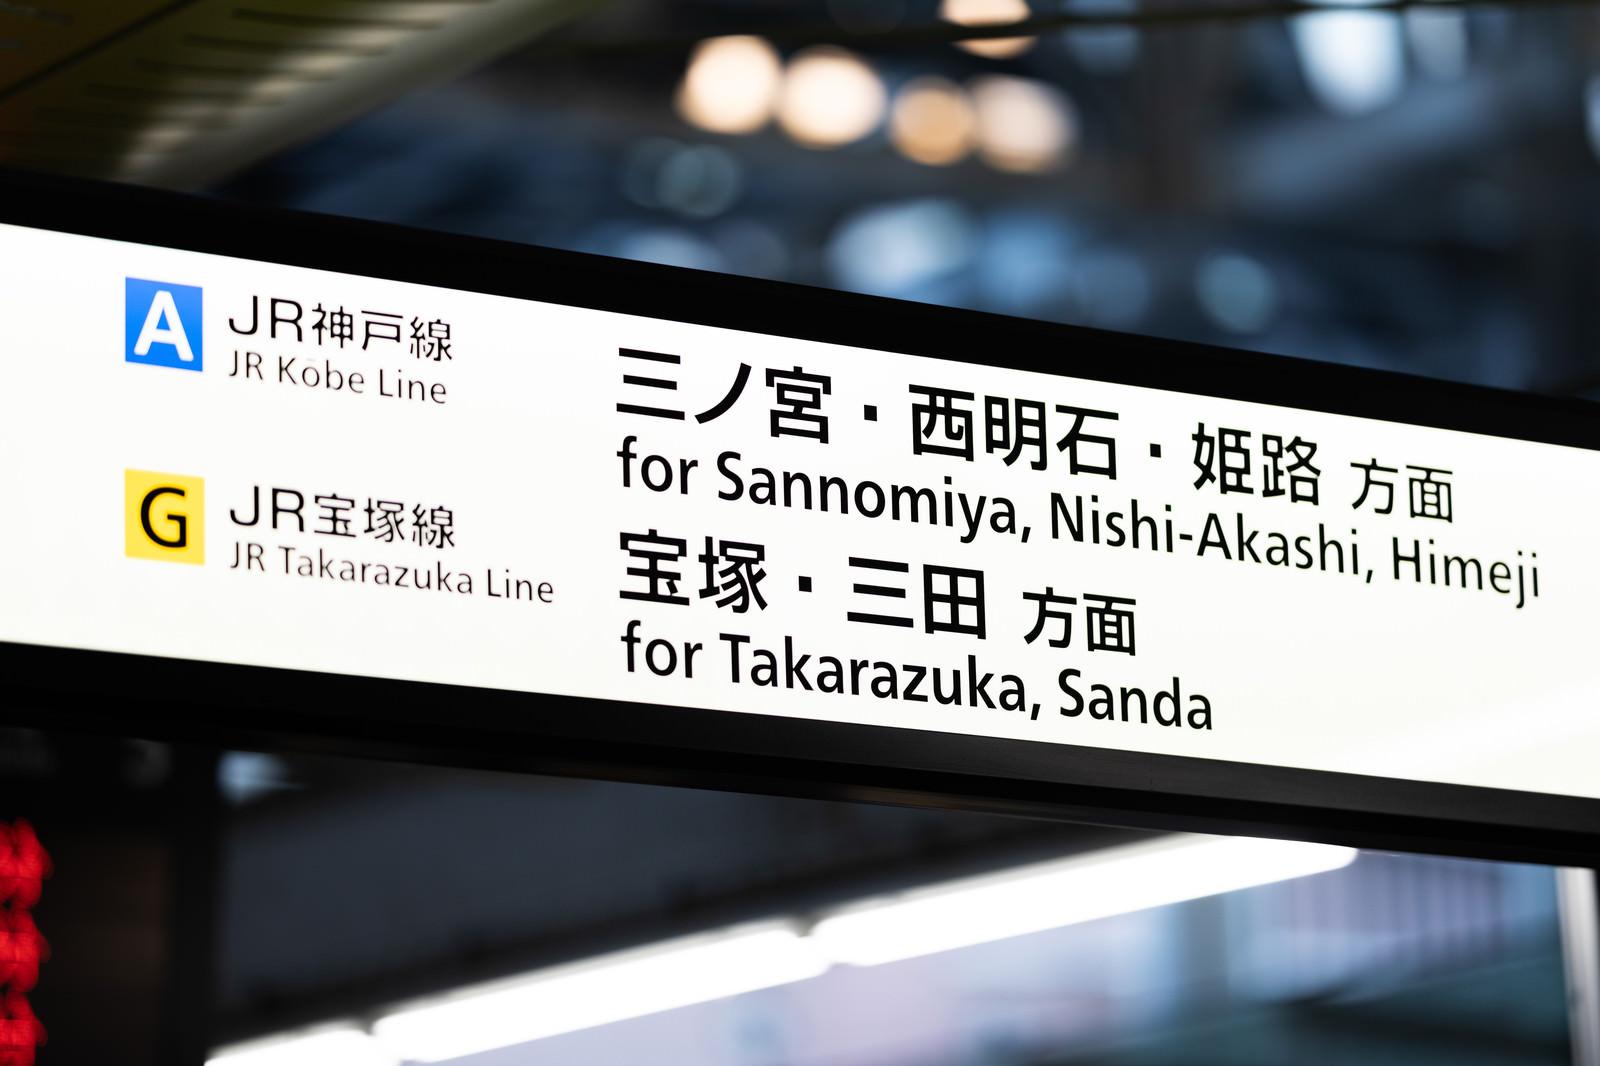 「大阪JR神戸線と宝塚線の案内板」の写真